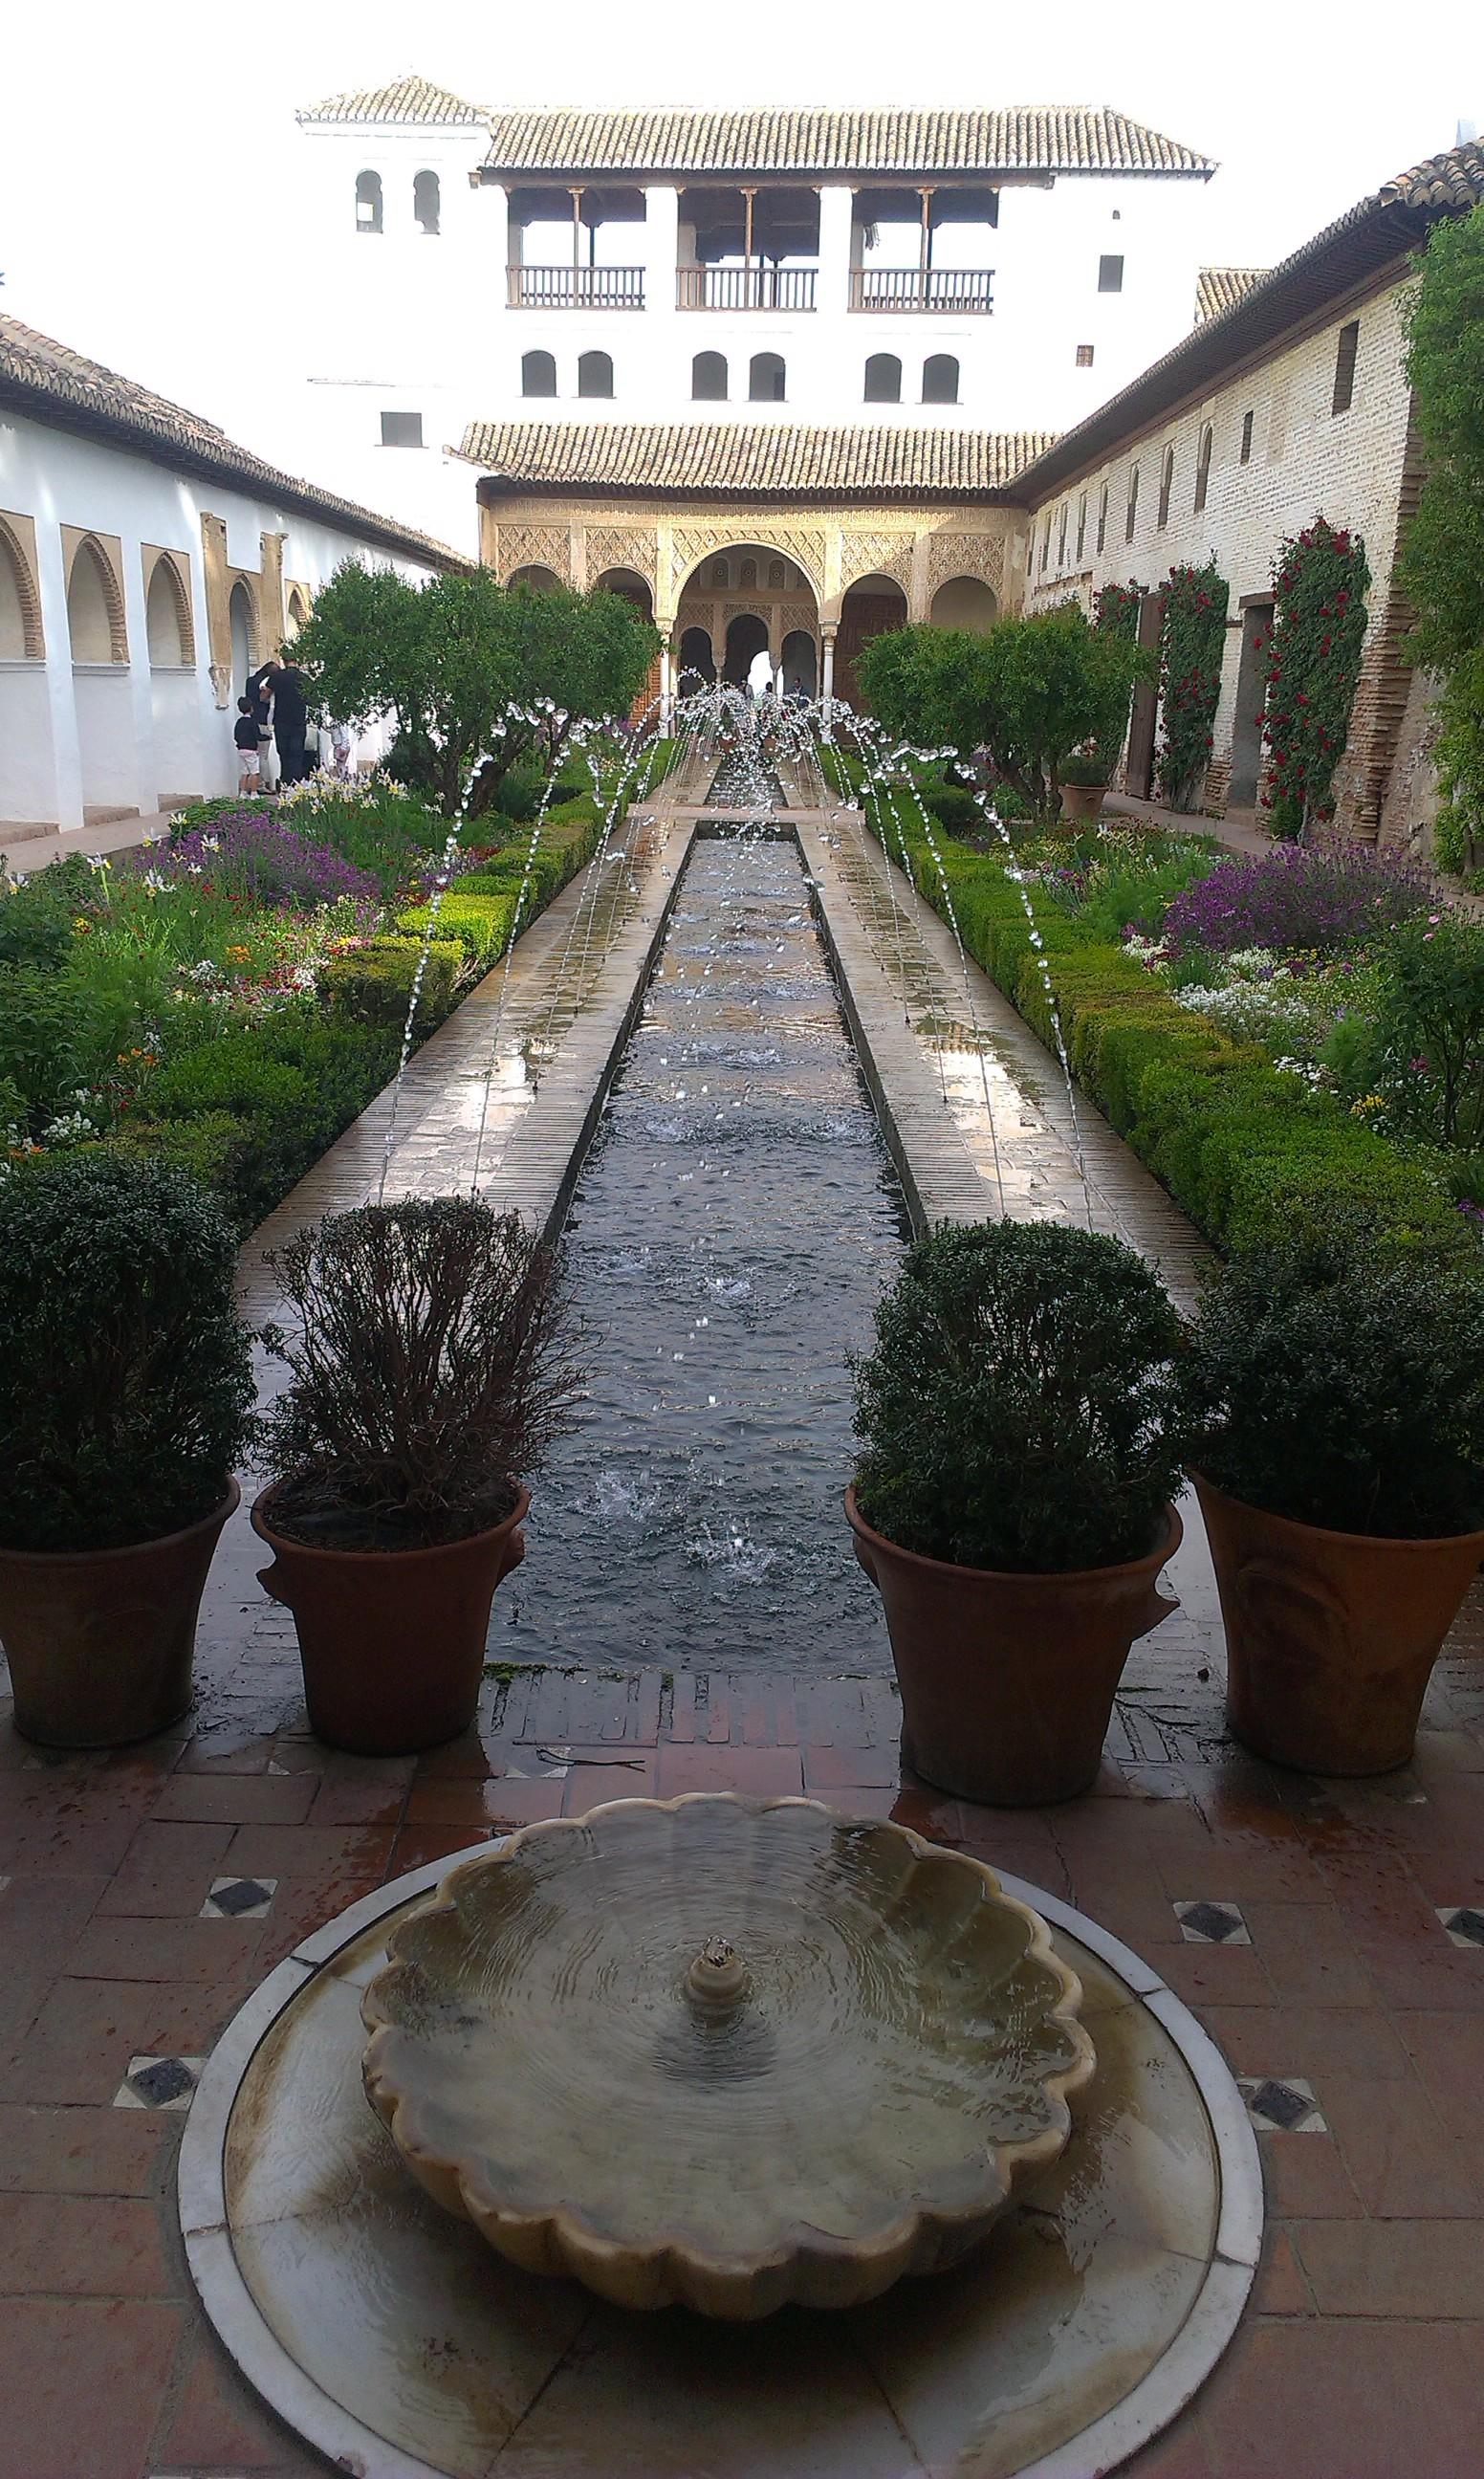 la-alhambra-cittadina-paradisiaca-ece10b